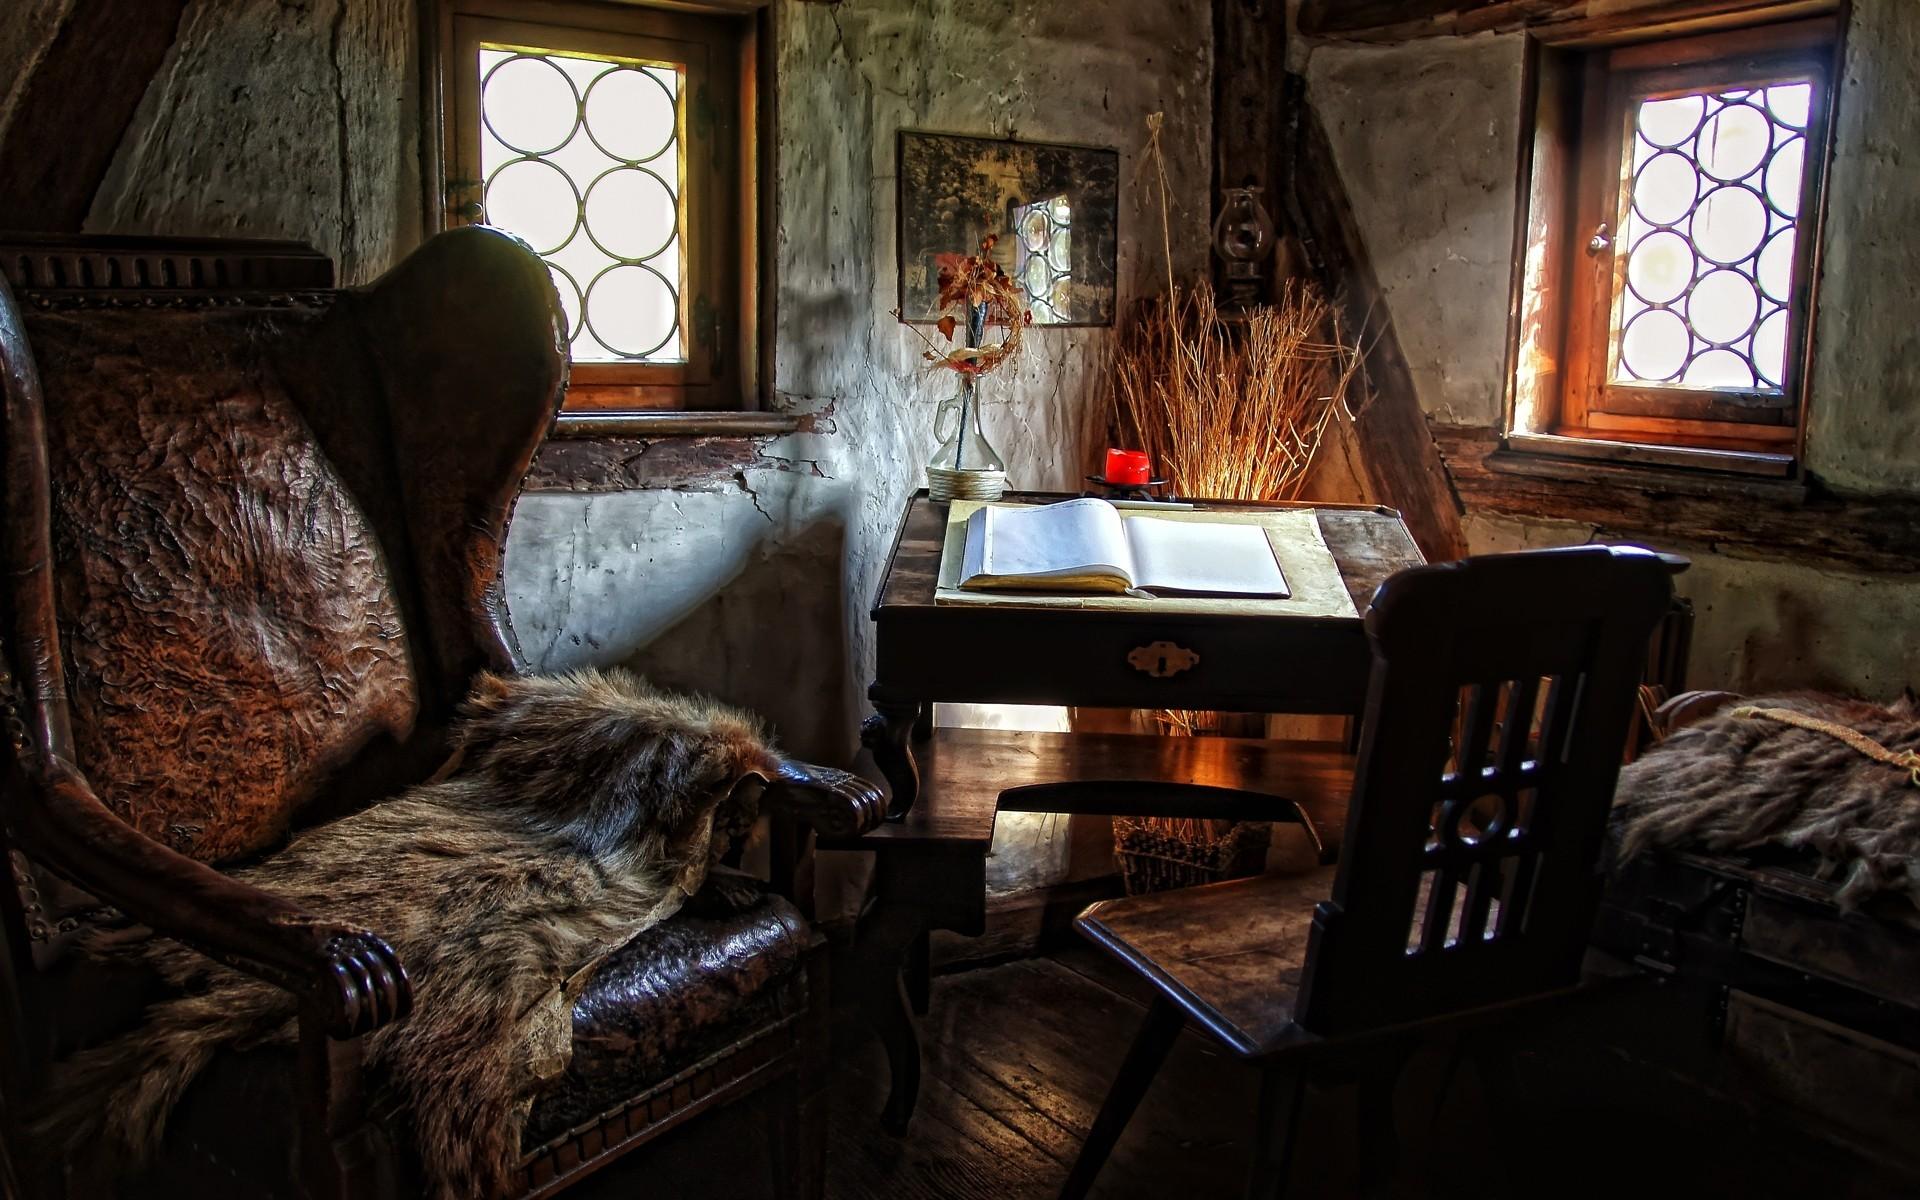 Декоративный плед на кресле в английском стиле